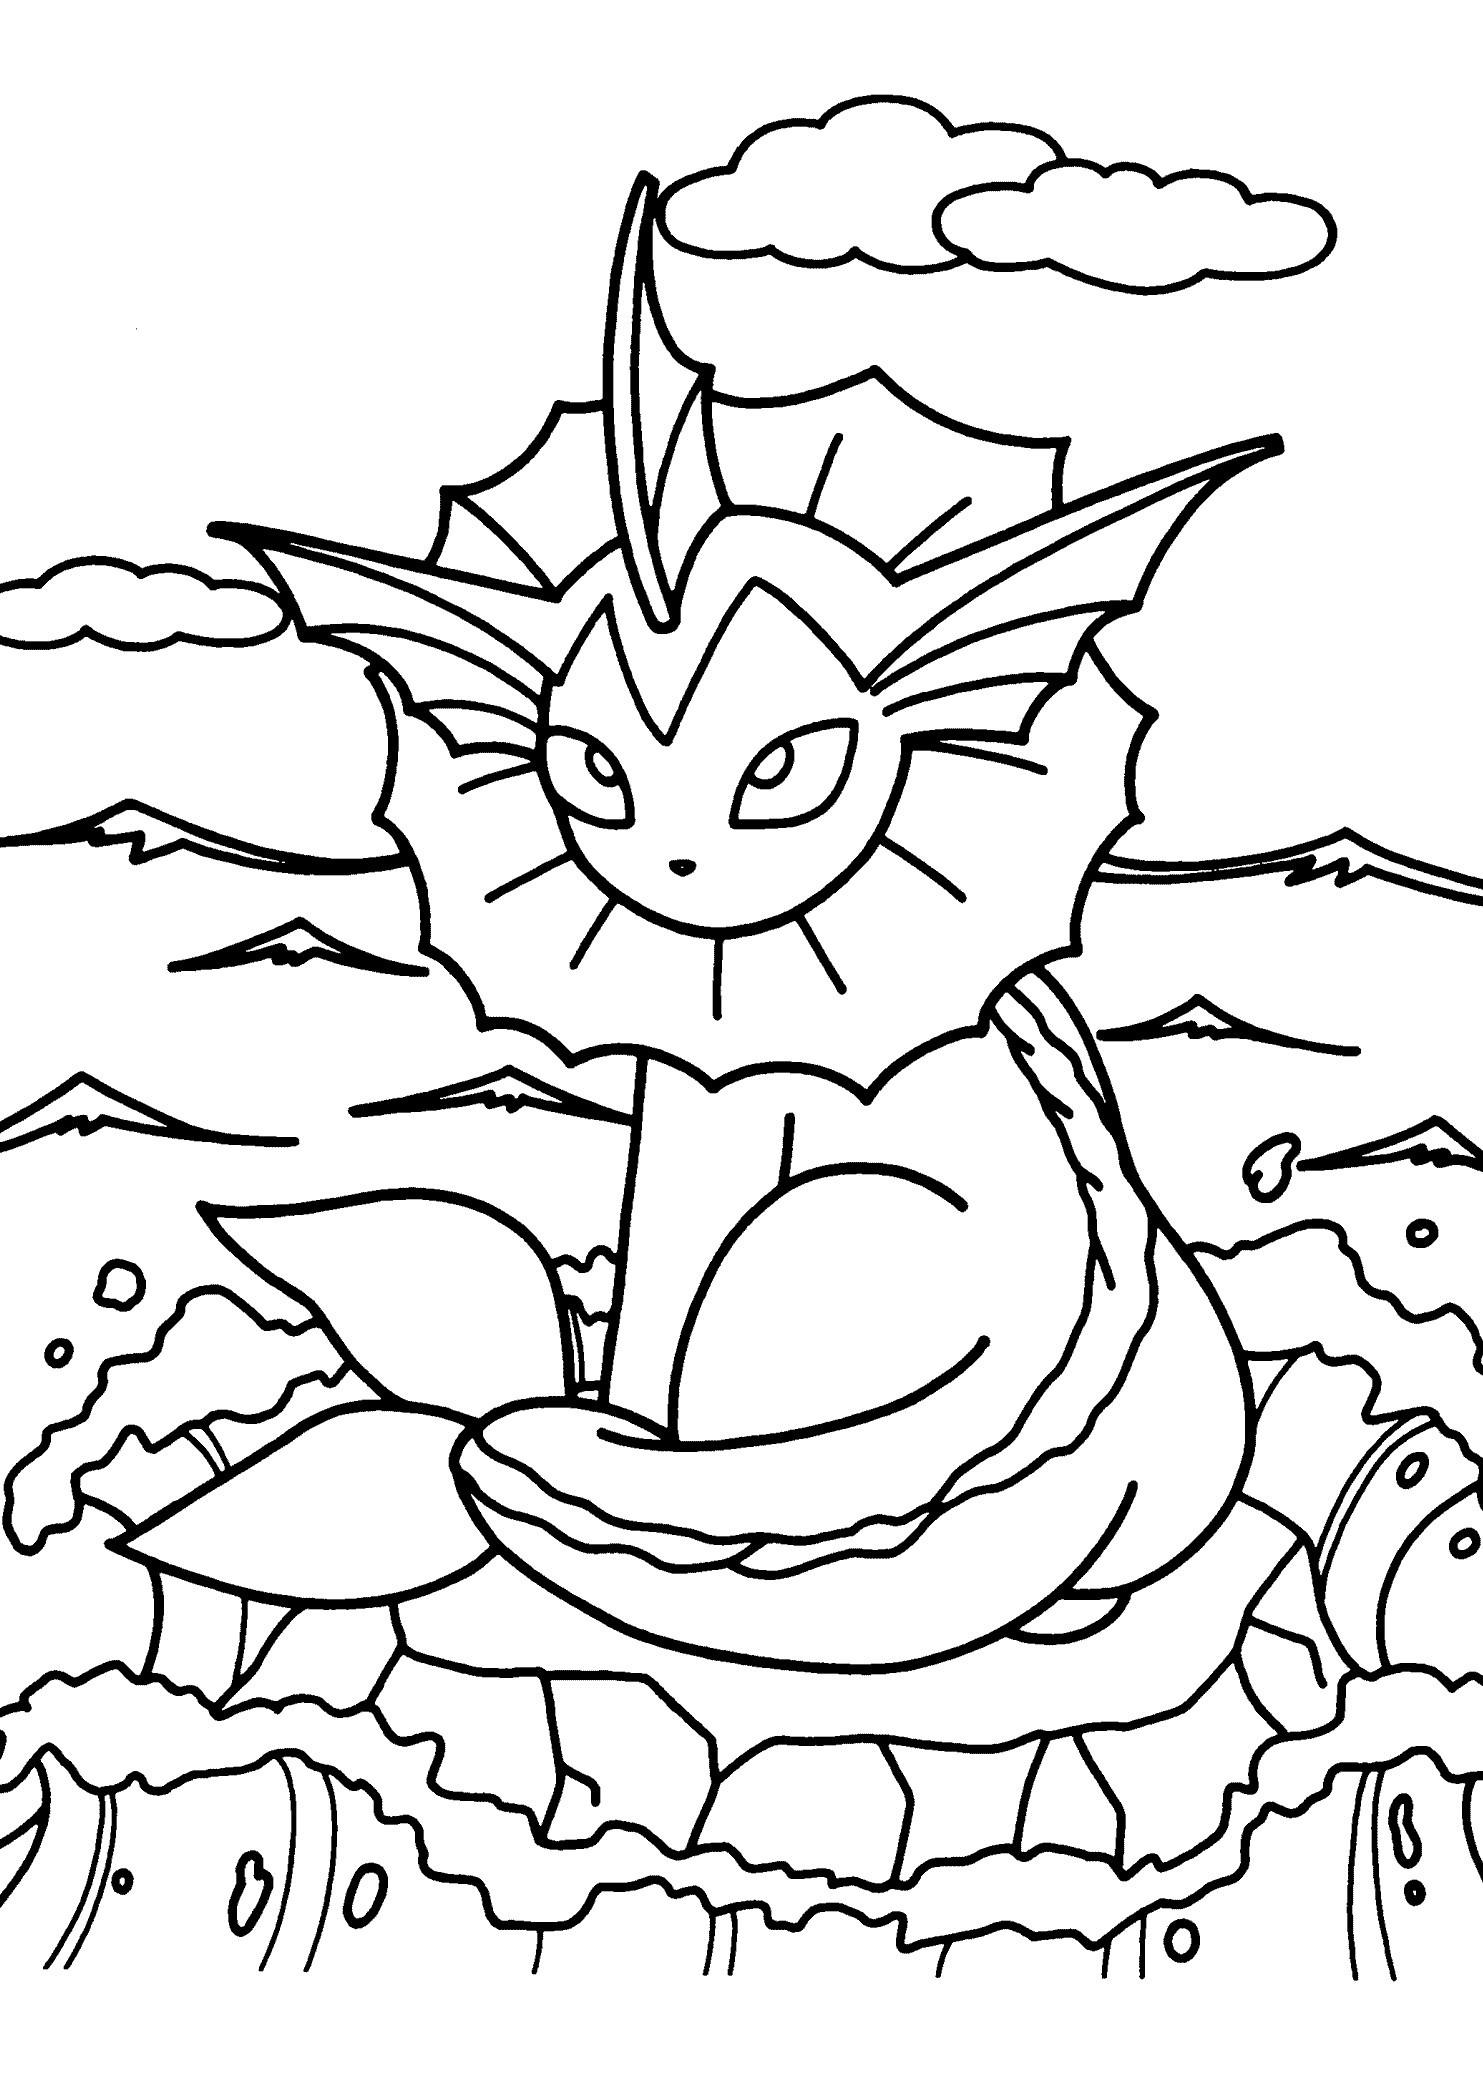 Malvorlagen Pokemon Pikachu Das Beste Von 28 Pixelmon Coloring Pages Das Bild